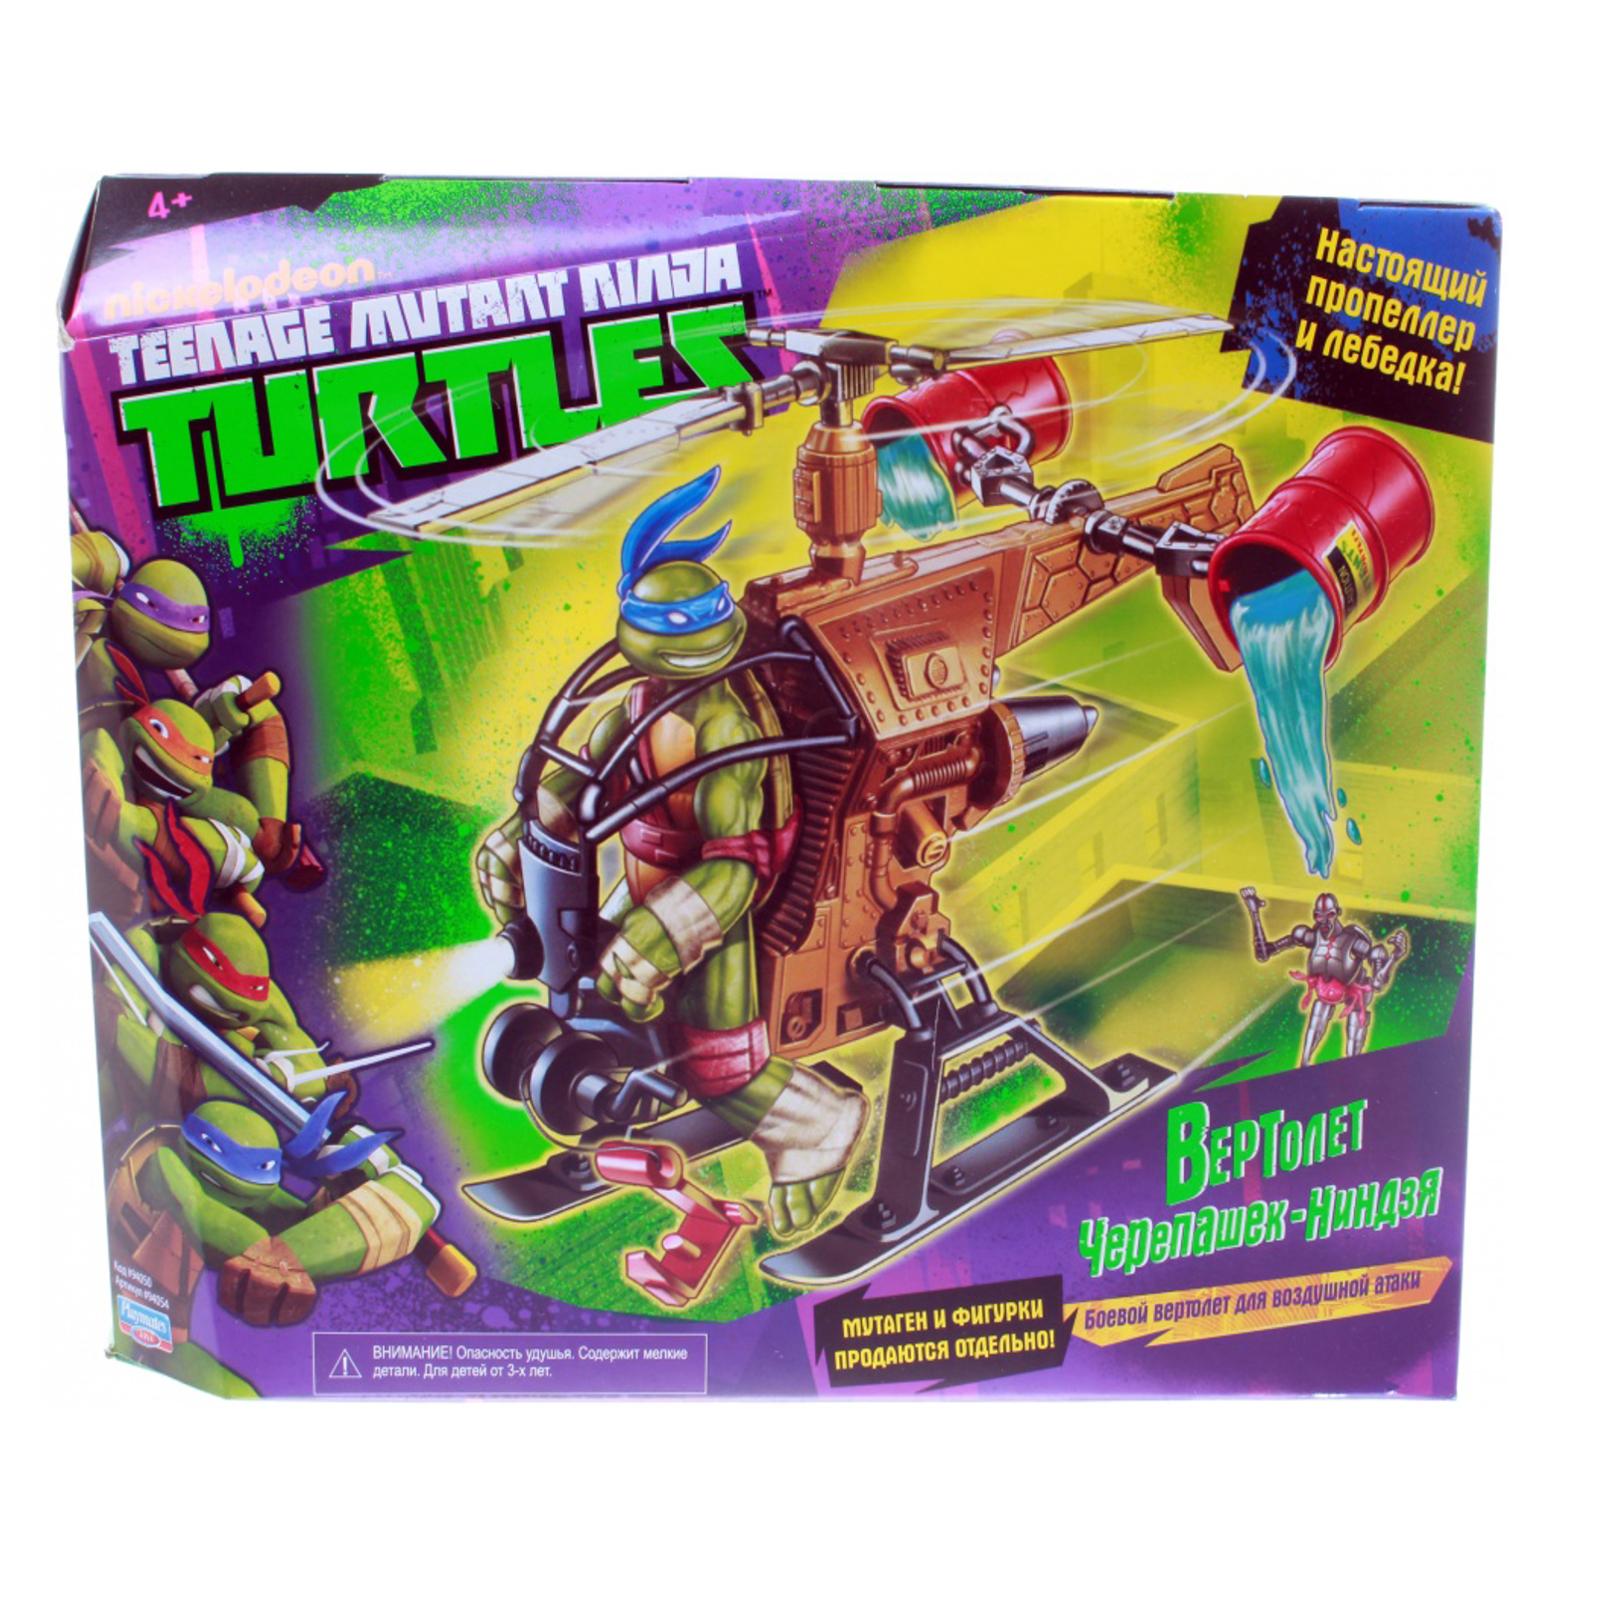 Игровой набор Playmates Черепашки Ниндзя Вертолет<br>